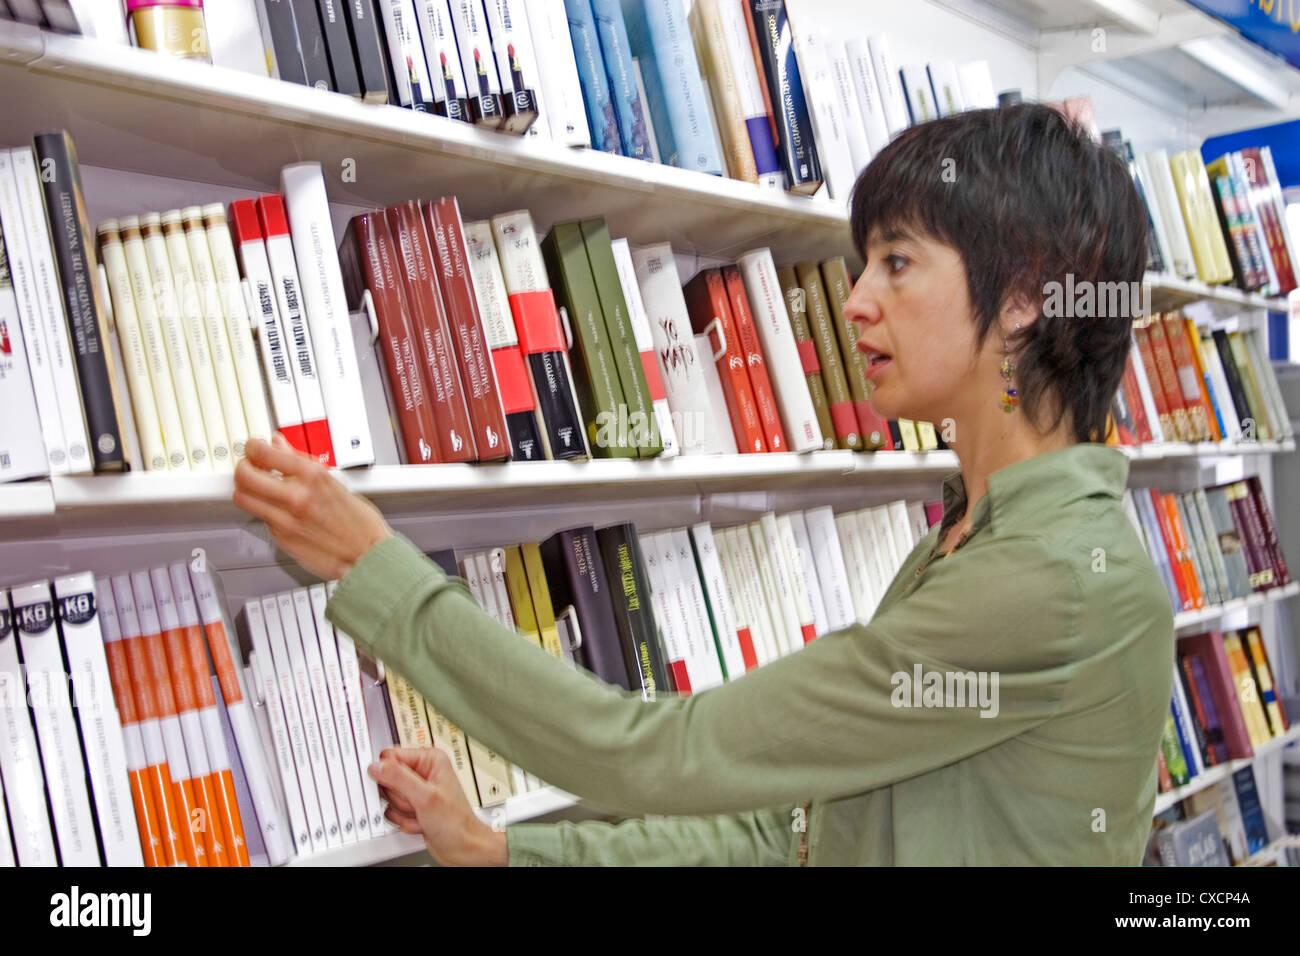 Donna che guarda i libri di una libreria Immagini Stock